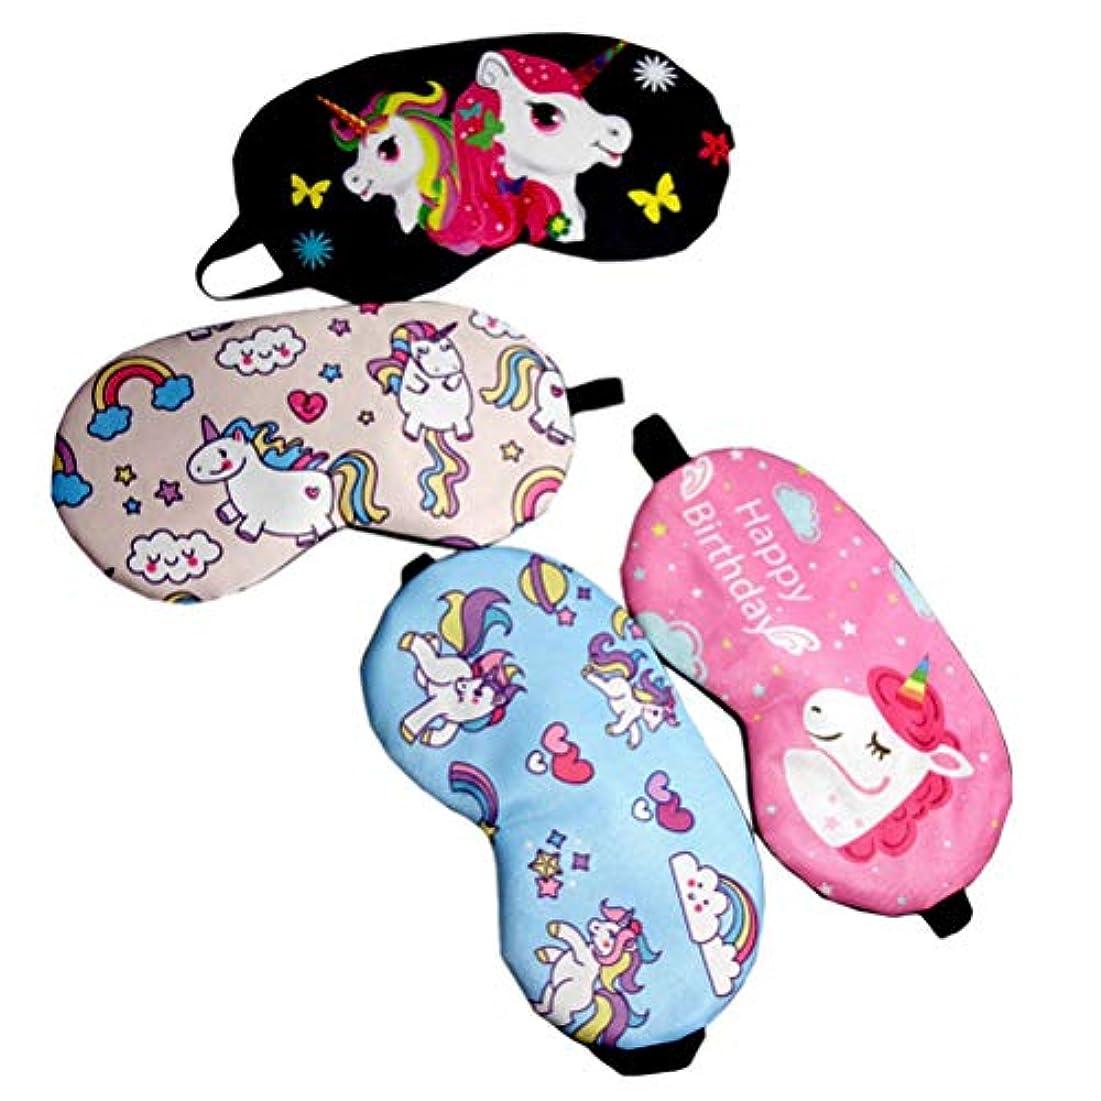 のみ溶接十分に子供のためのBeaupretty 4PCSユニコーン睡眠マスクカバー軽量目隠しソフトアイマスク(ブラック+ローズレッド+ライトピンク+ライトブルー)